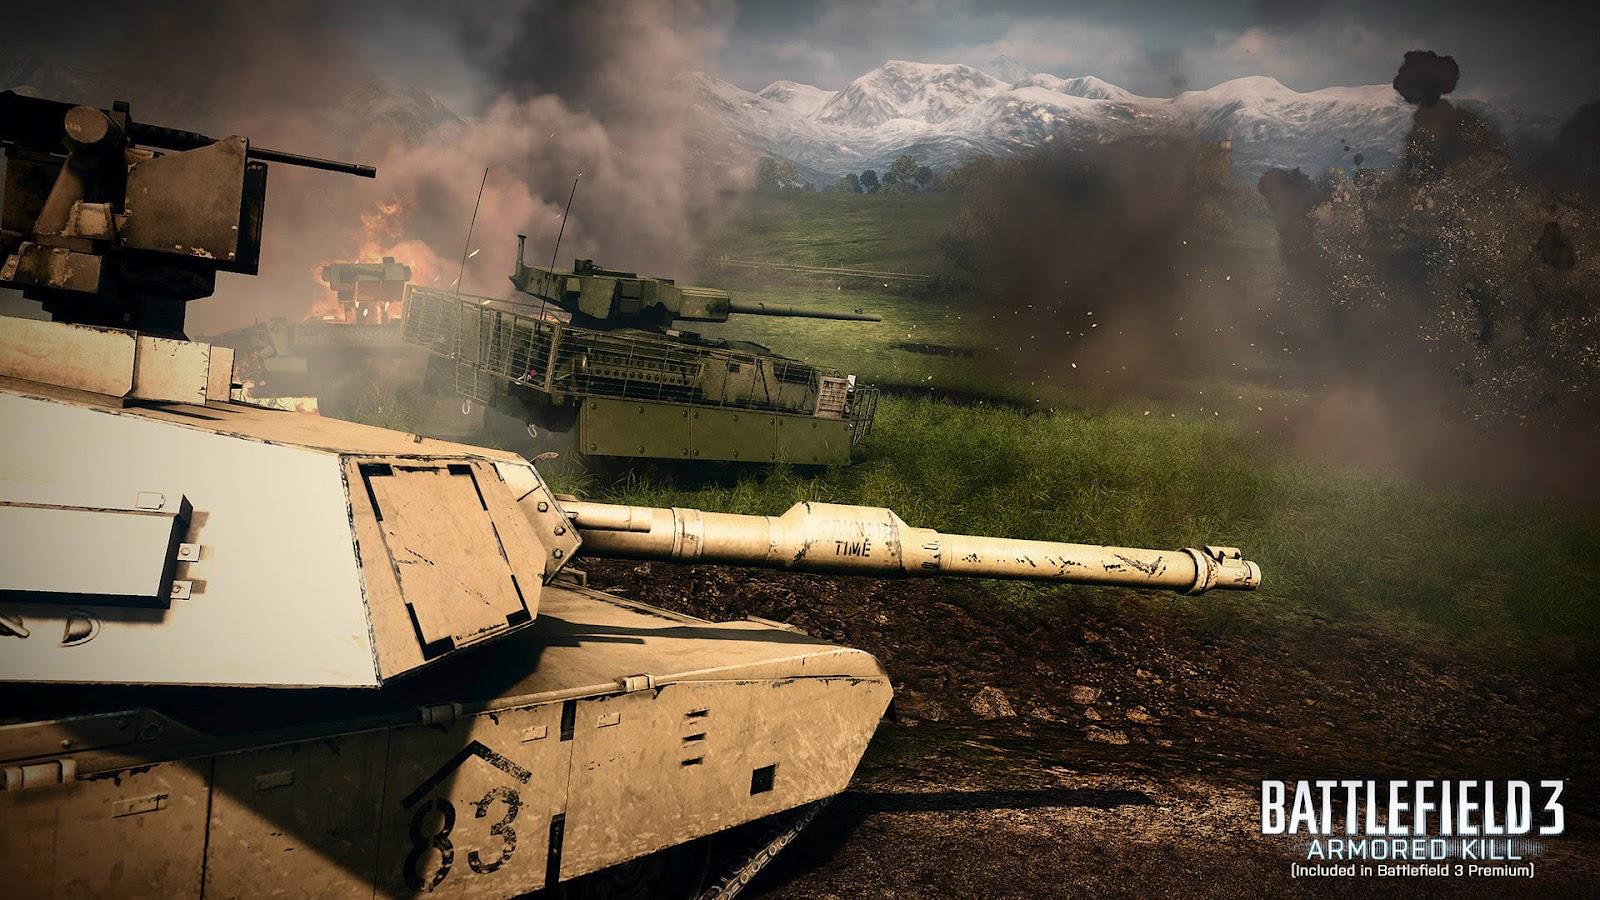 DLC Armored Kill - Nome dos mapas revelados Battlefield-3-Armored-Kill-Armored-Shield-map-2